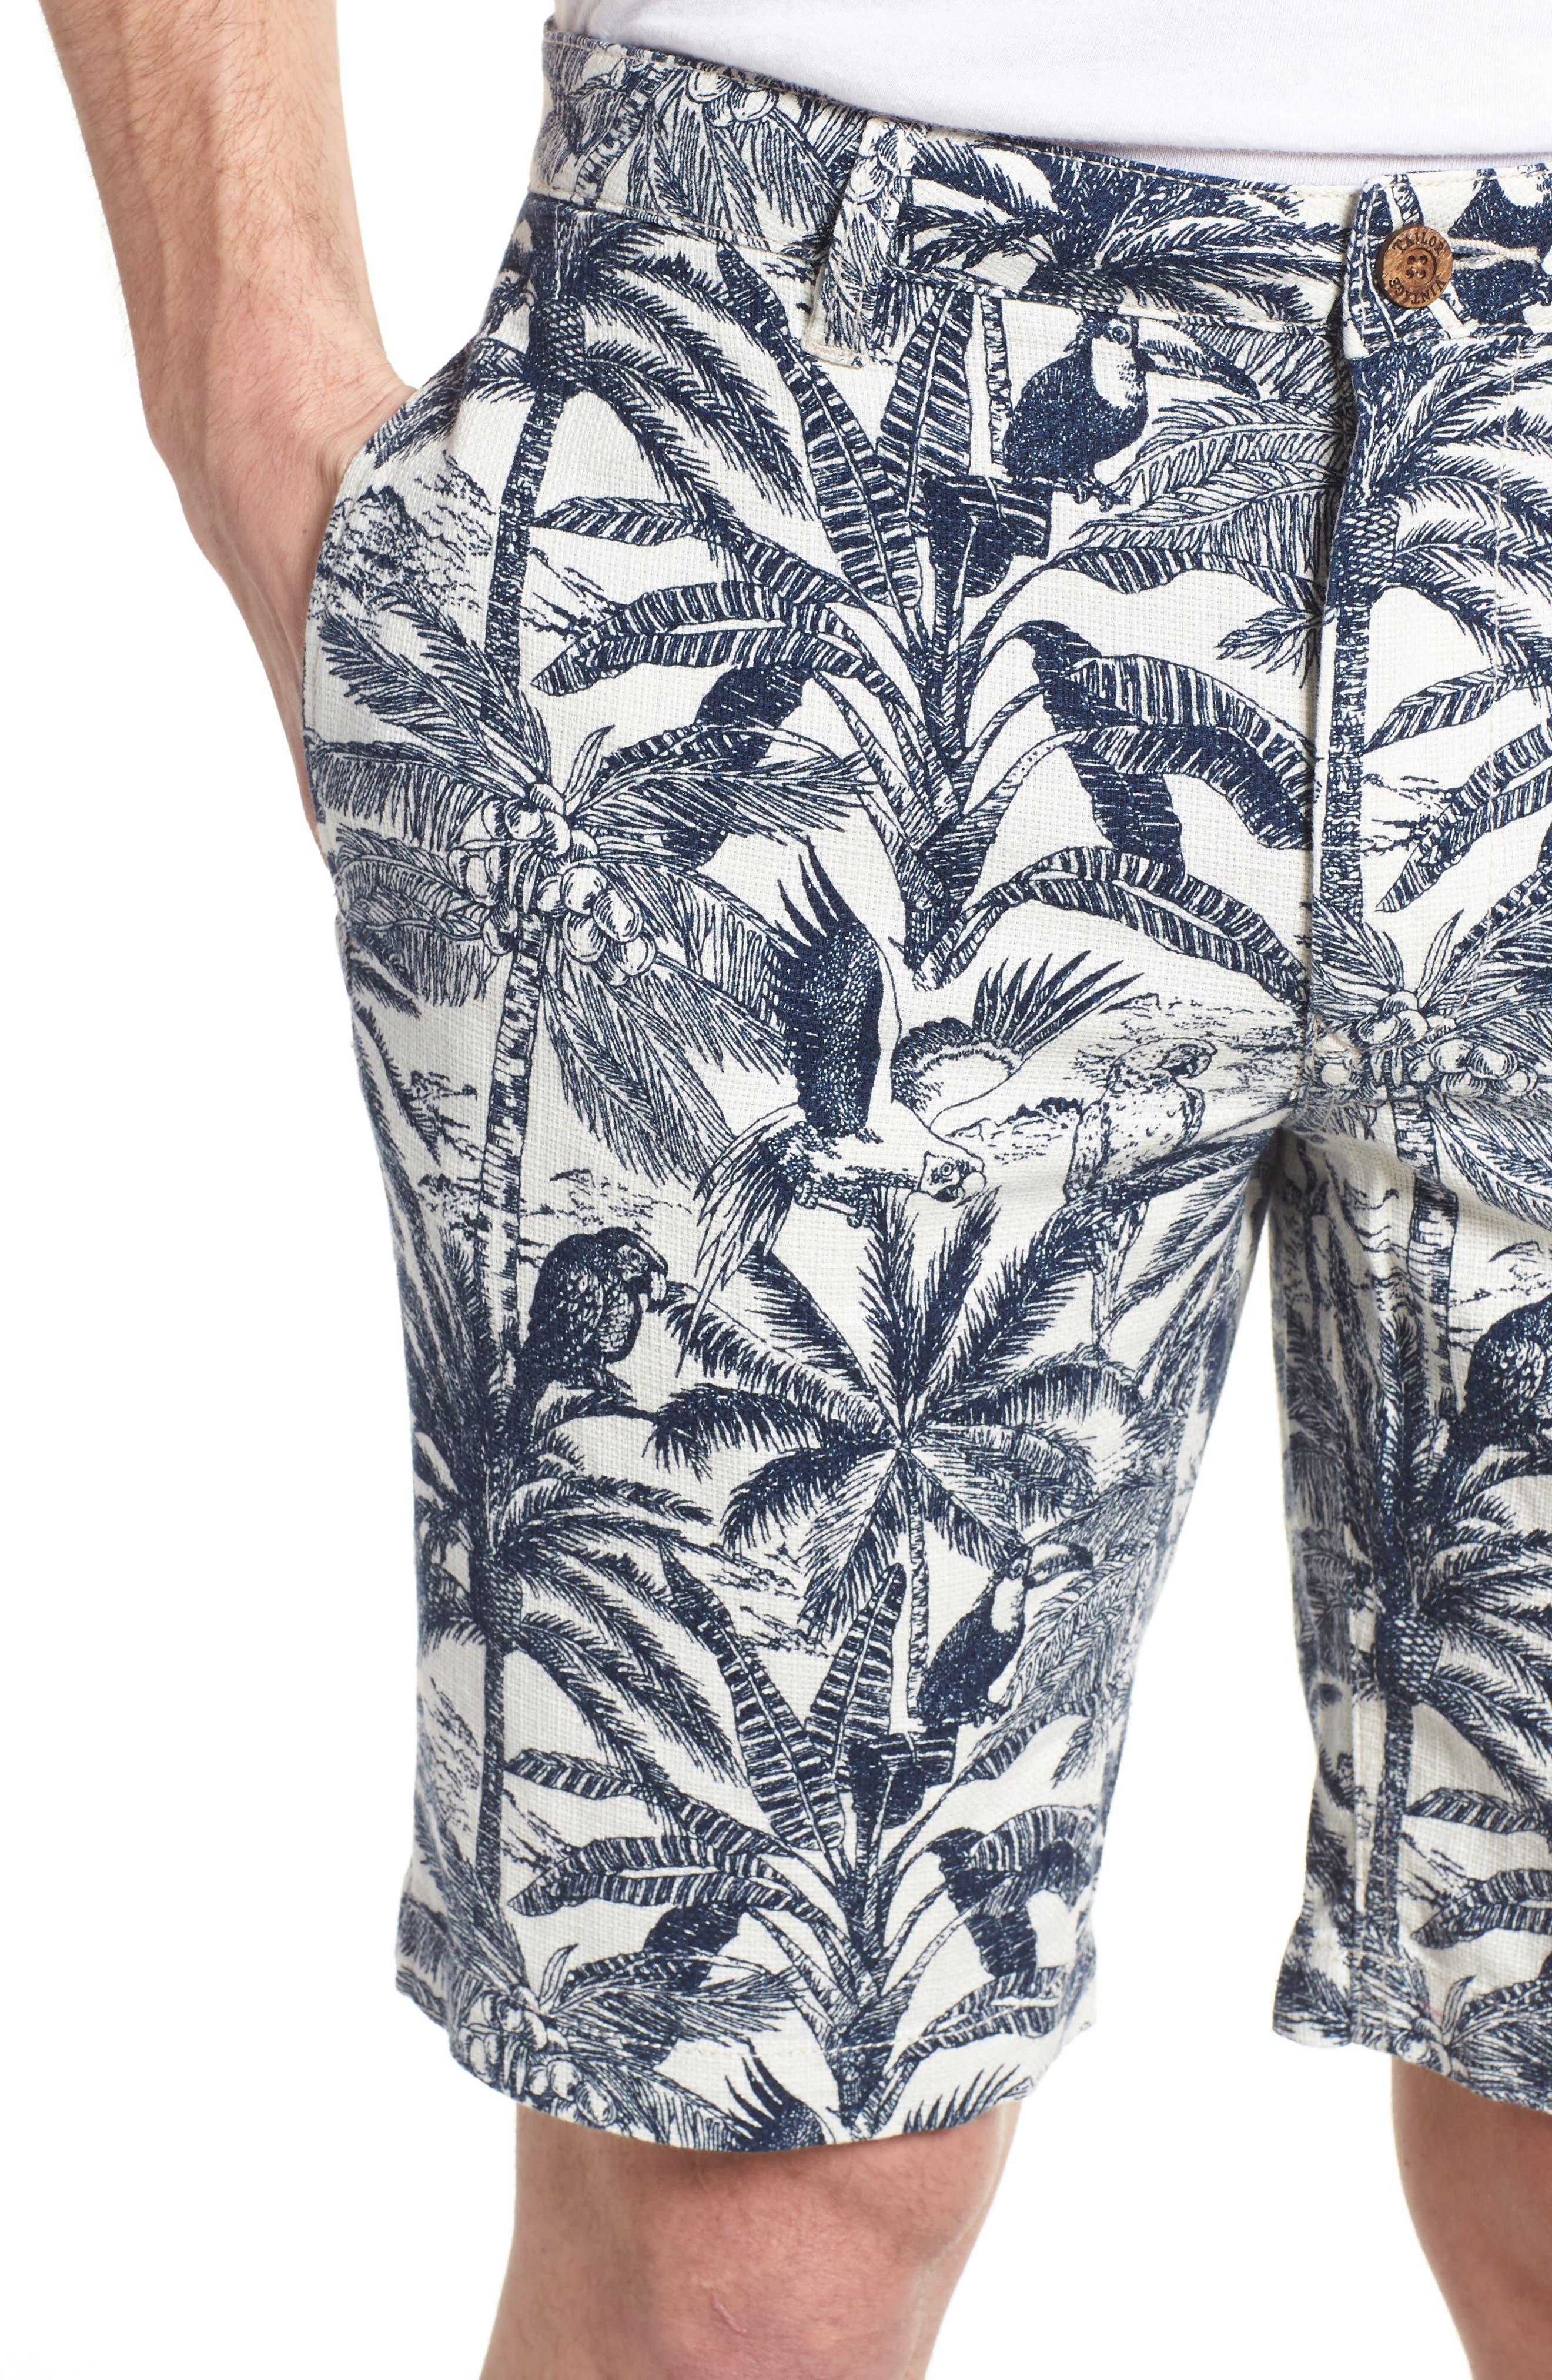 Cotton & Linen Shorts,                             Alternate thumbnail 4, color,                             White Palm Parrot Print